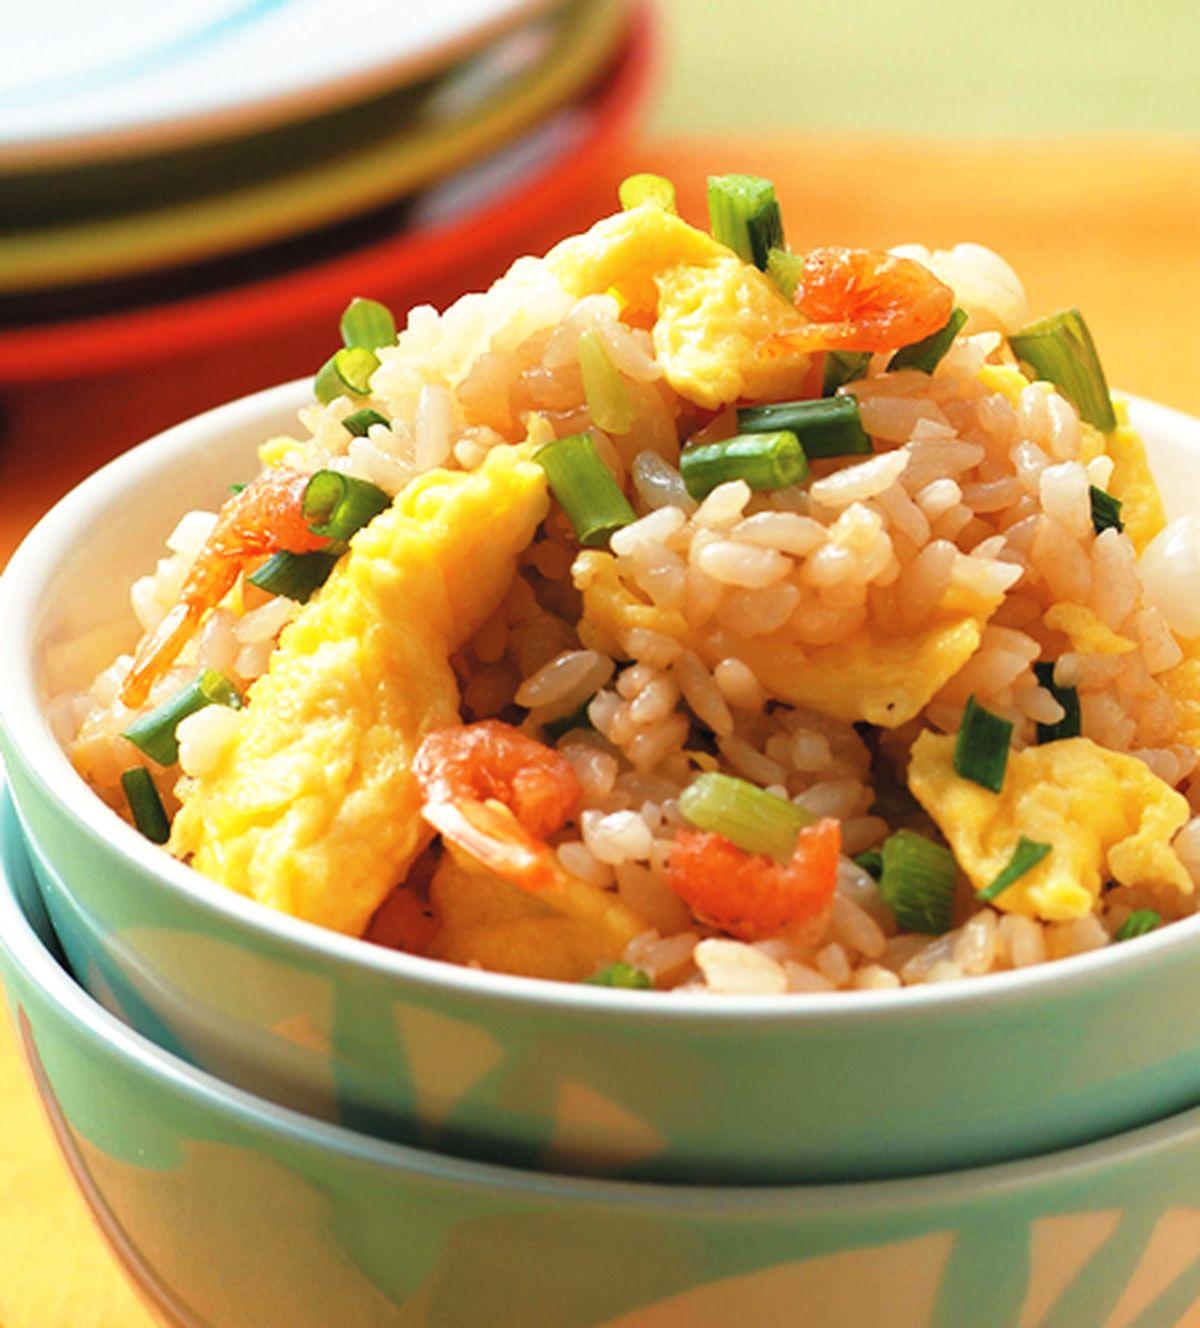 食譜:珠蔥蛋炒飯